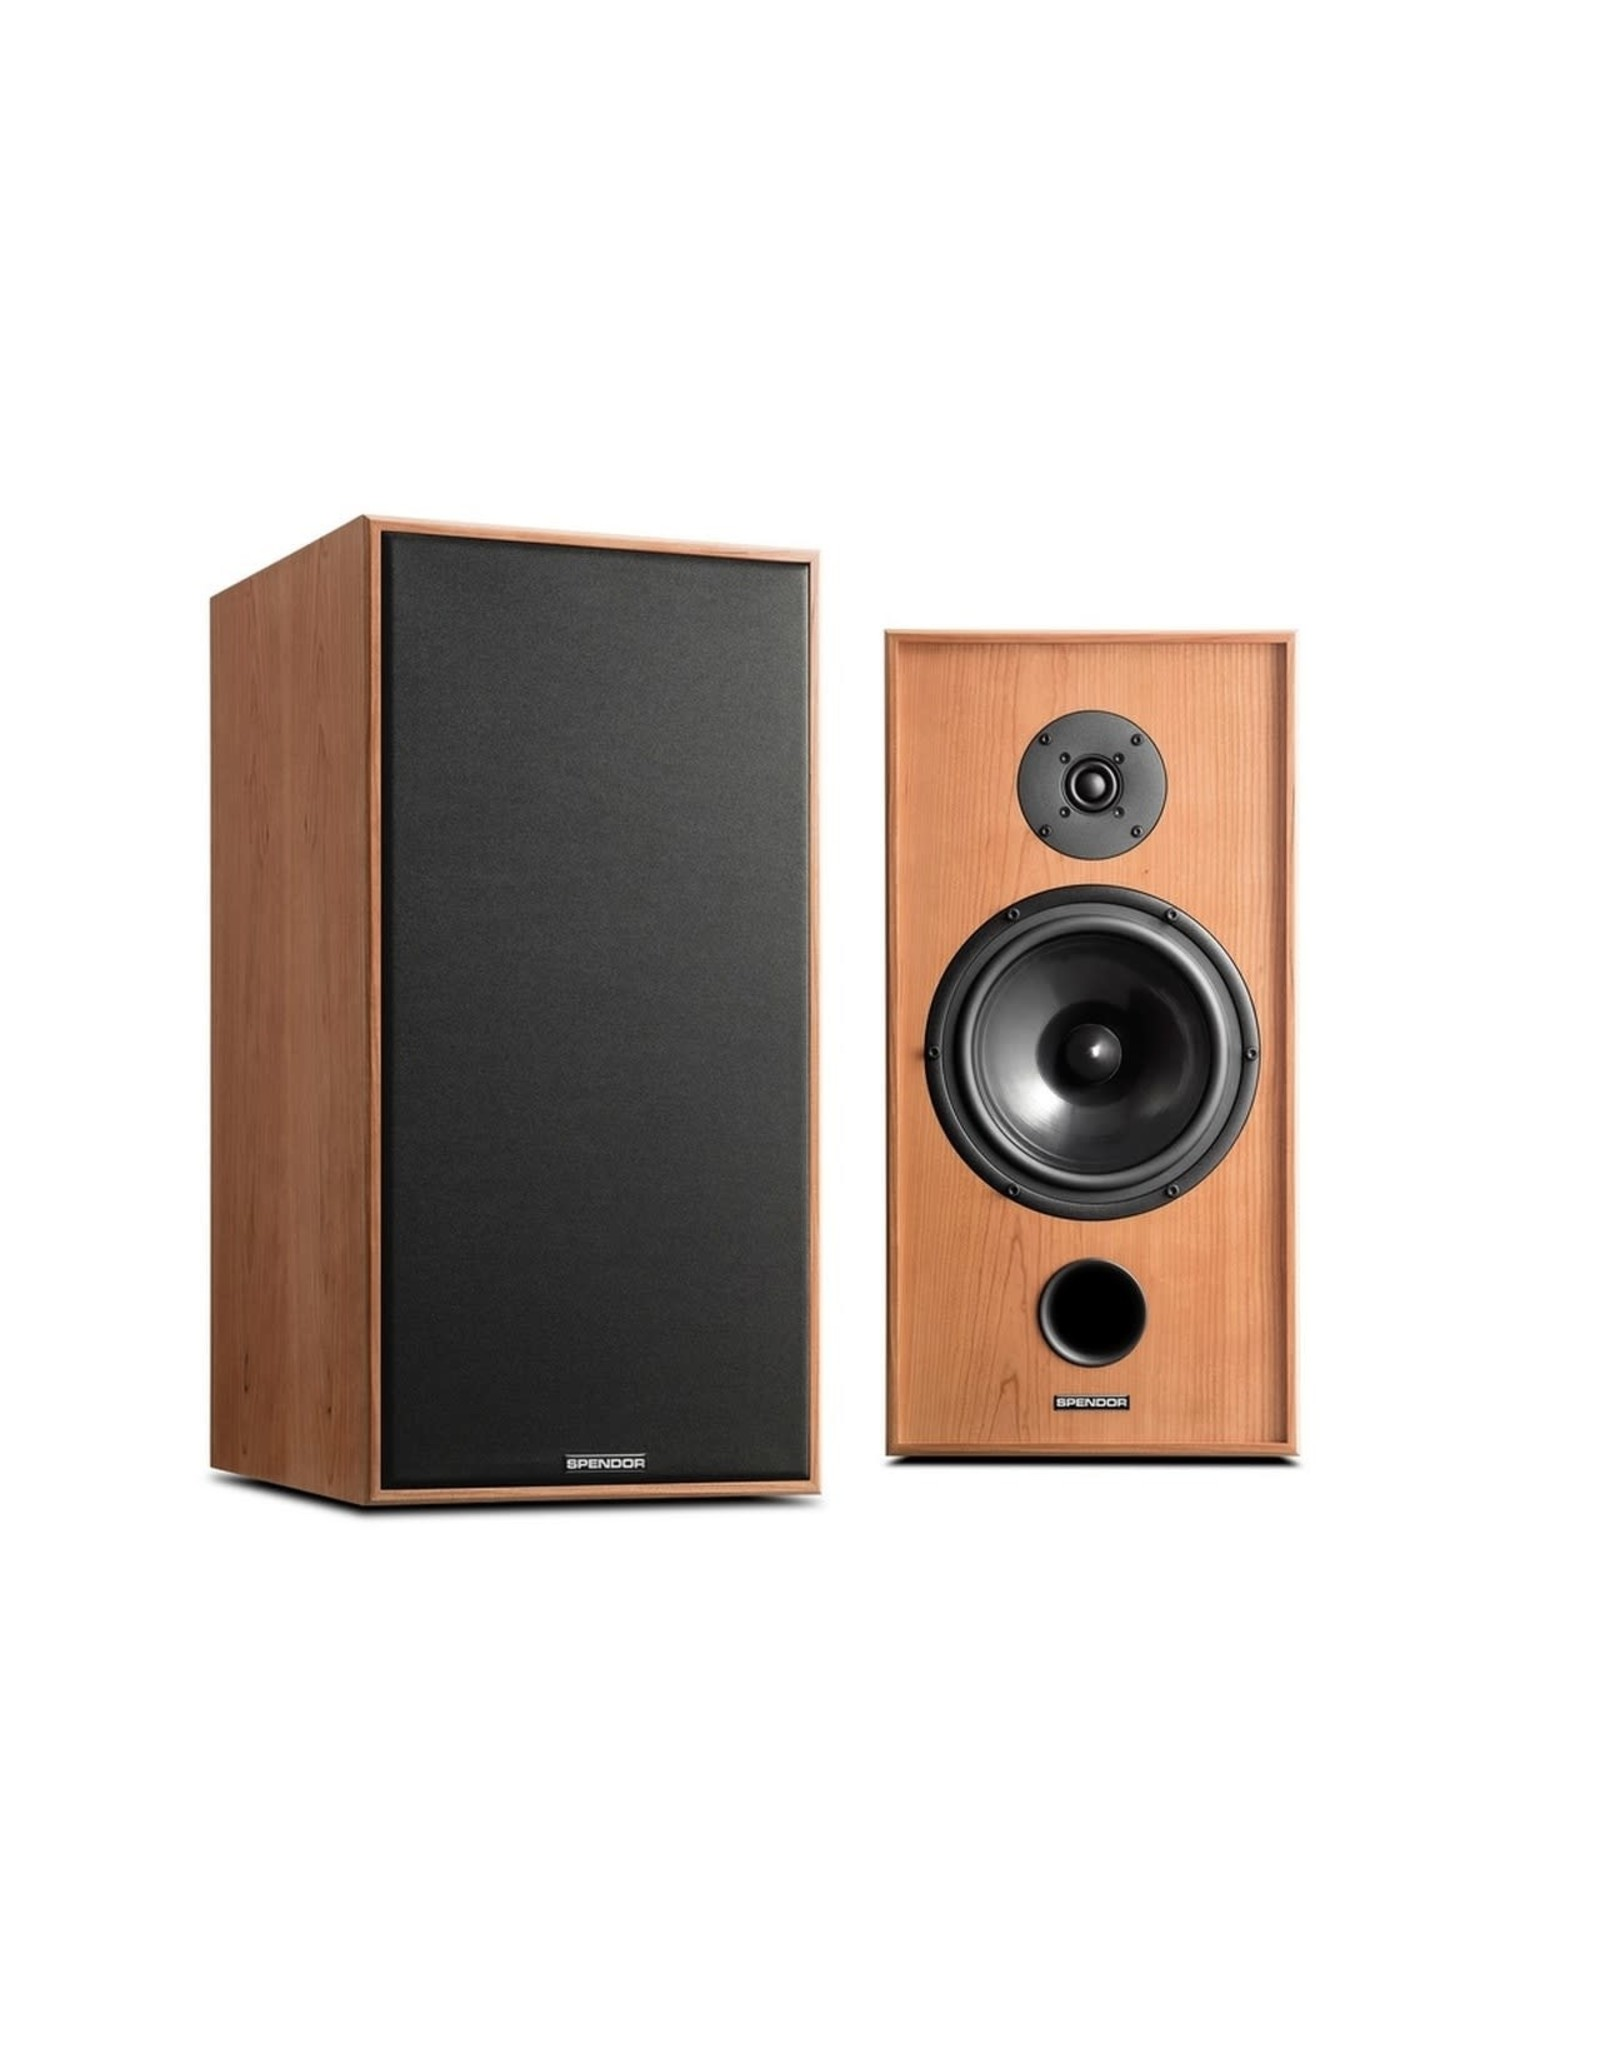 Spendor Spendor Classic 2/3 Standmount Loudspeakers